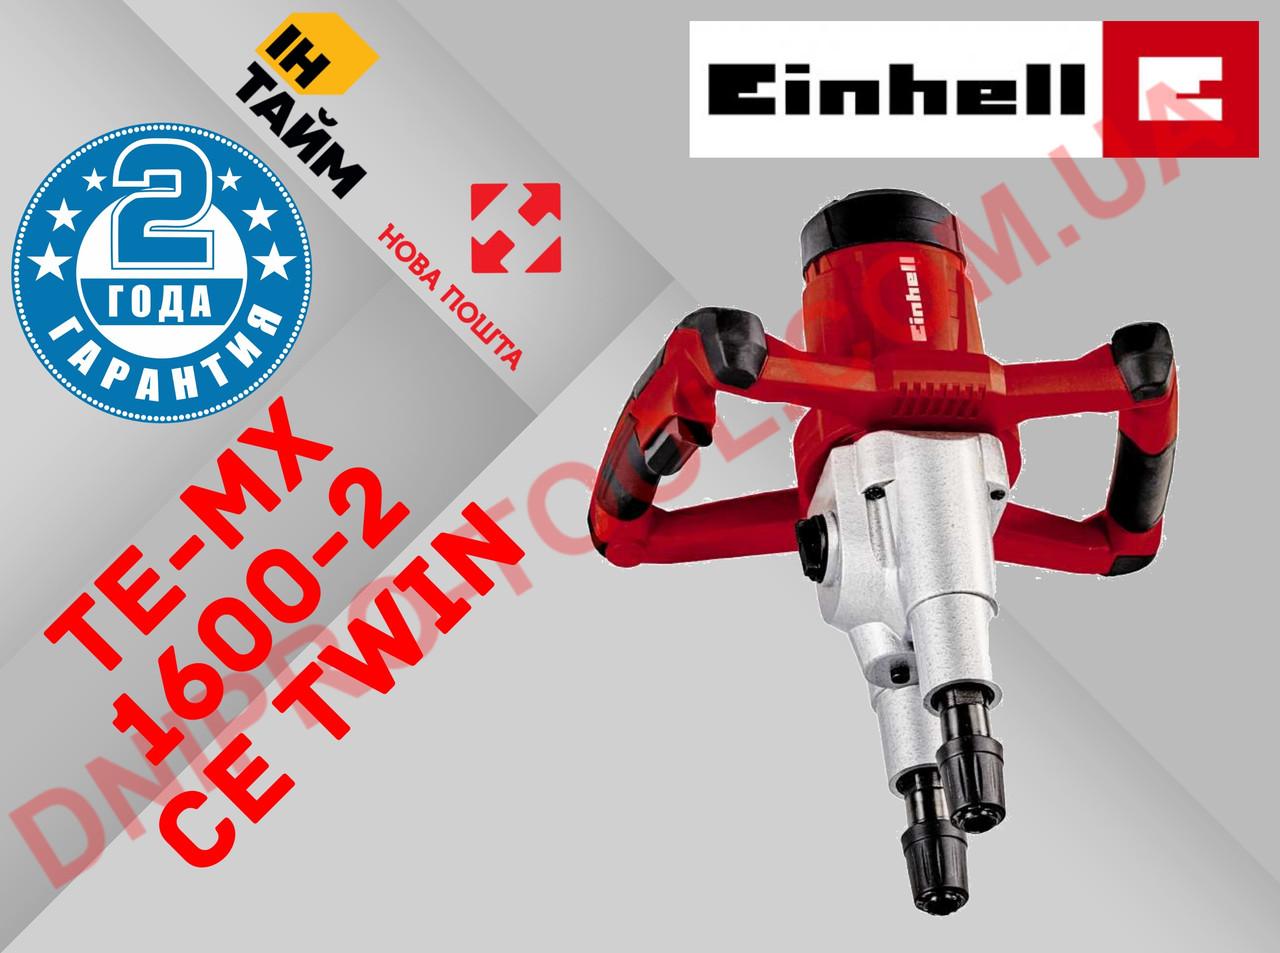 Миксер  для раствора, строительный Einhell TE-MX 1600-2 CE Twin (4258561)